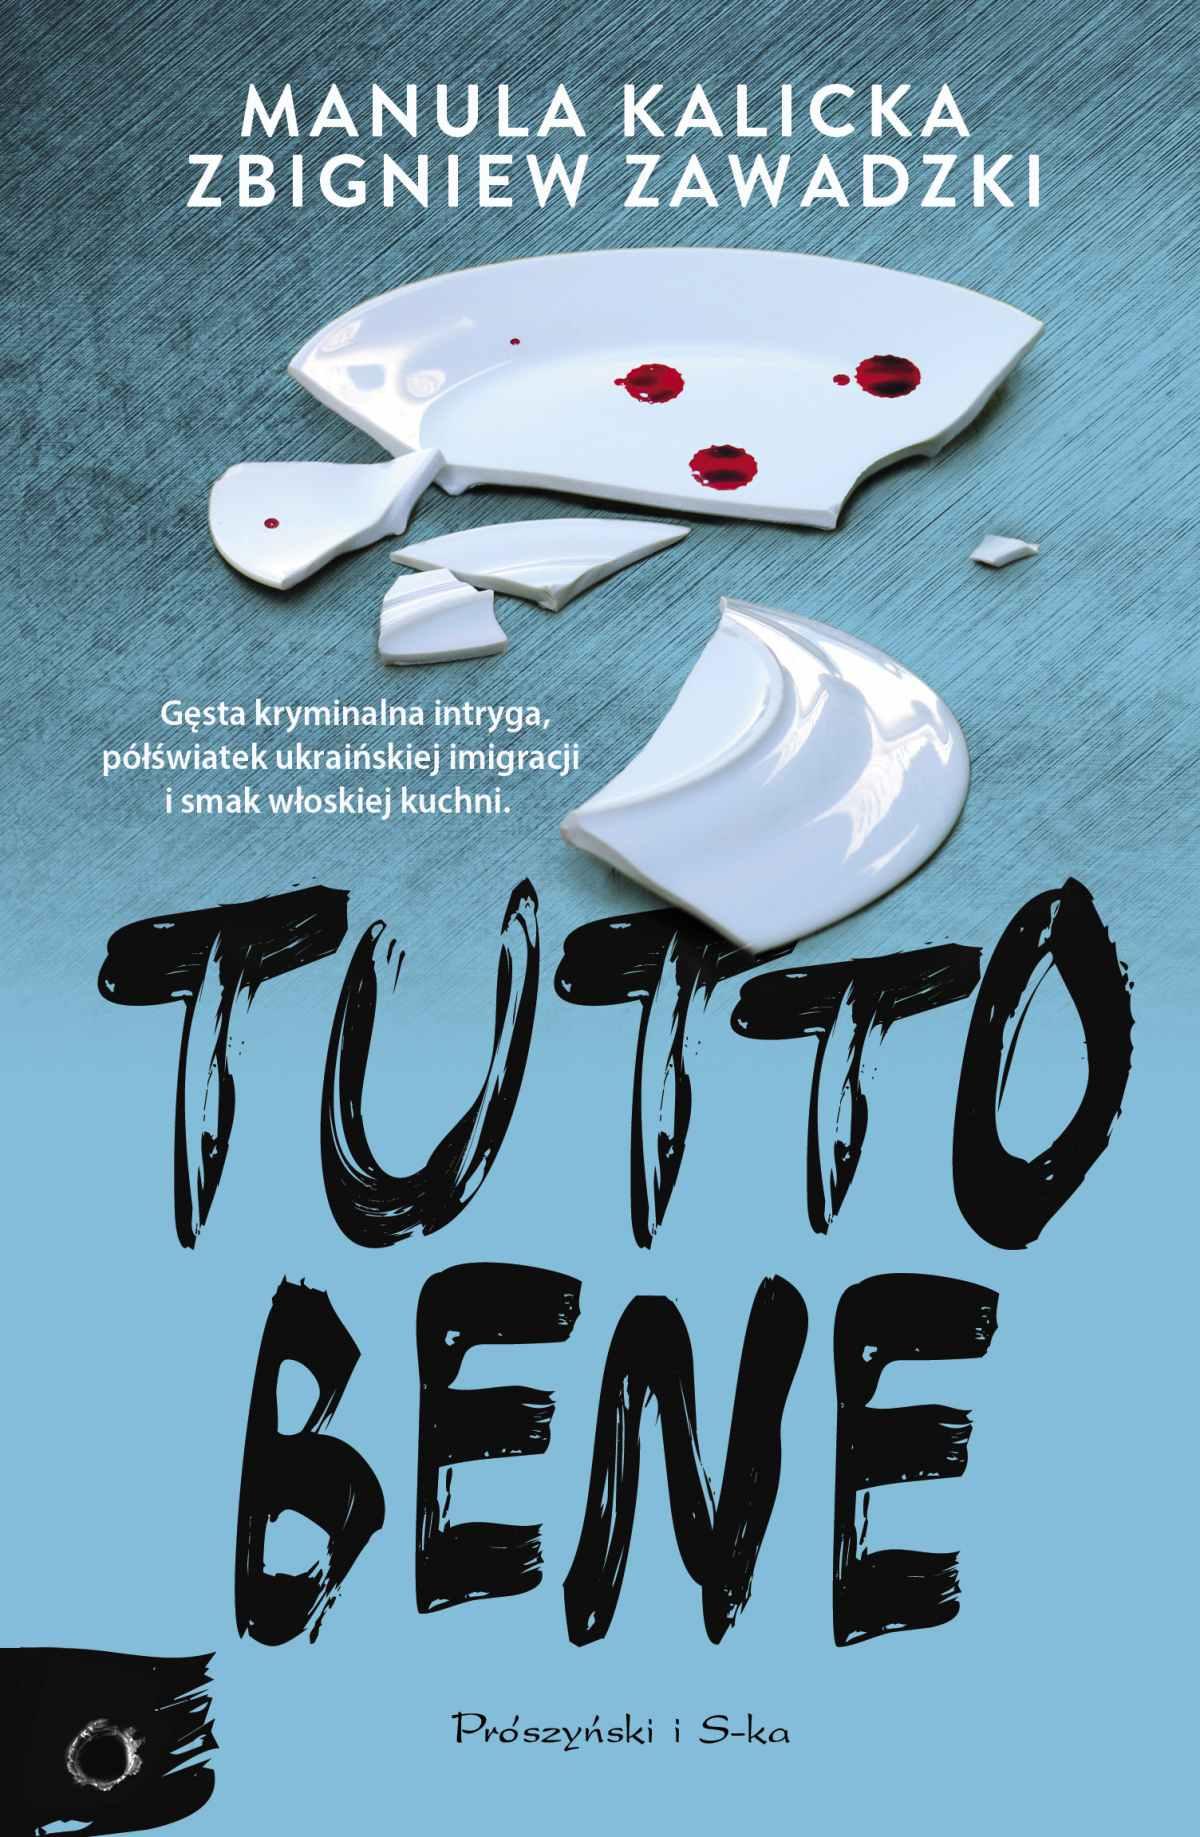 Tutto bene - Ebook (Książka EPUB) do pobrania w formacie EPUB